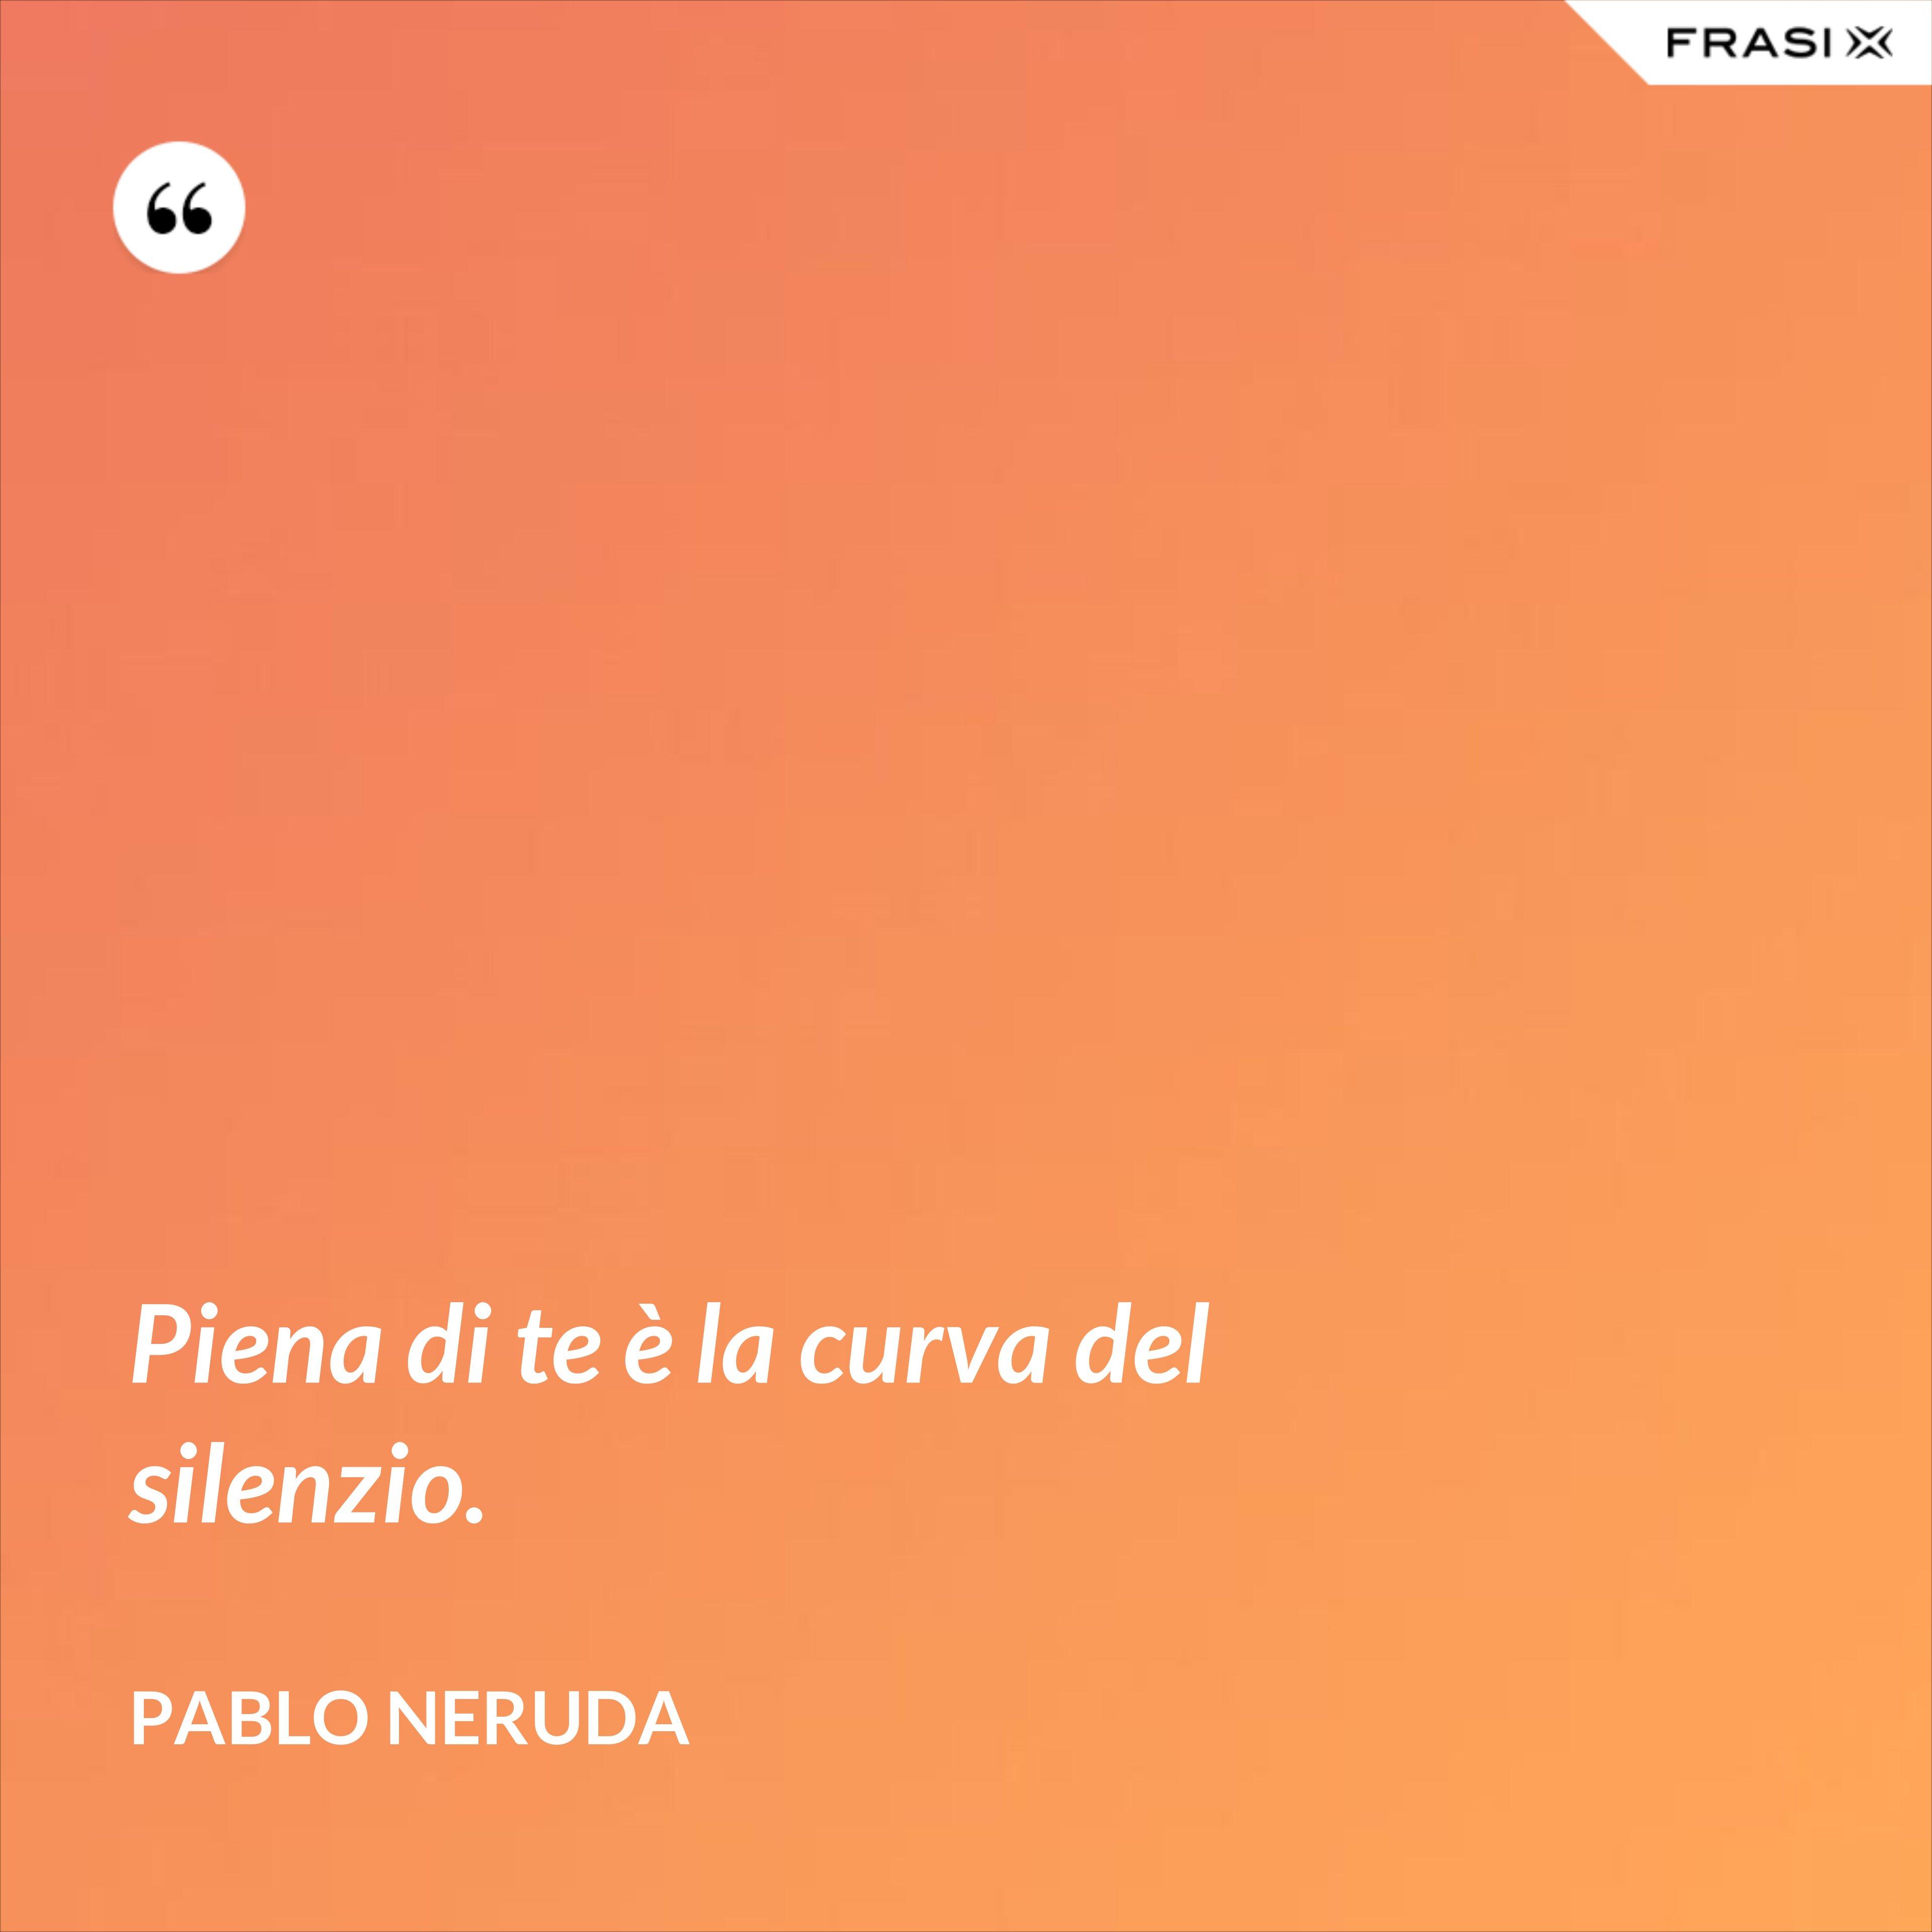 Piena di te è la curva del silenzio. - Pablo Neruda